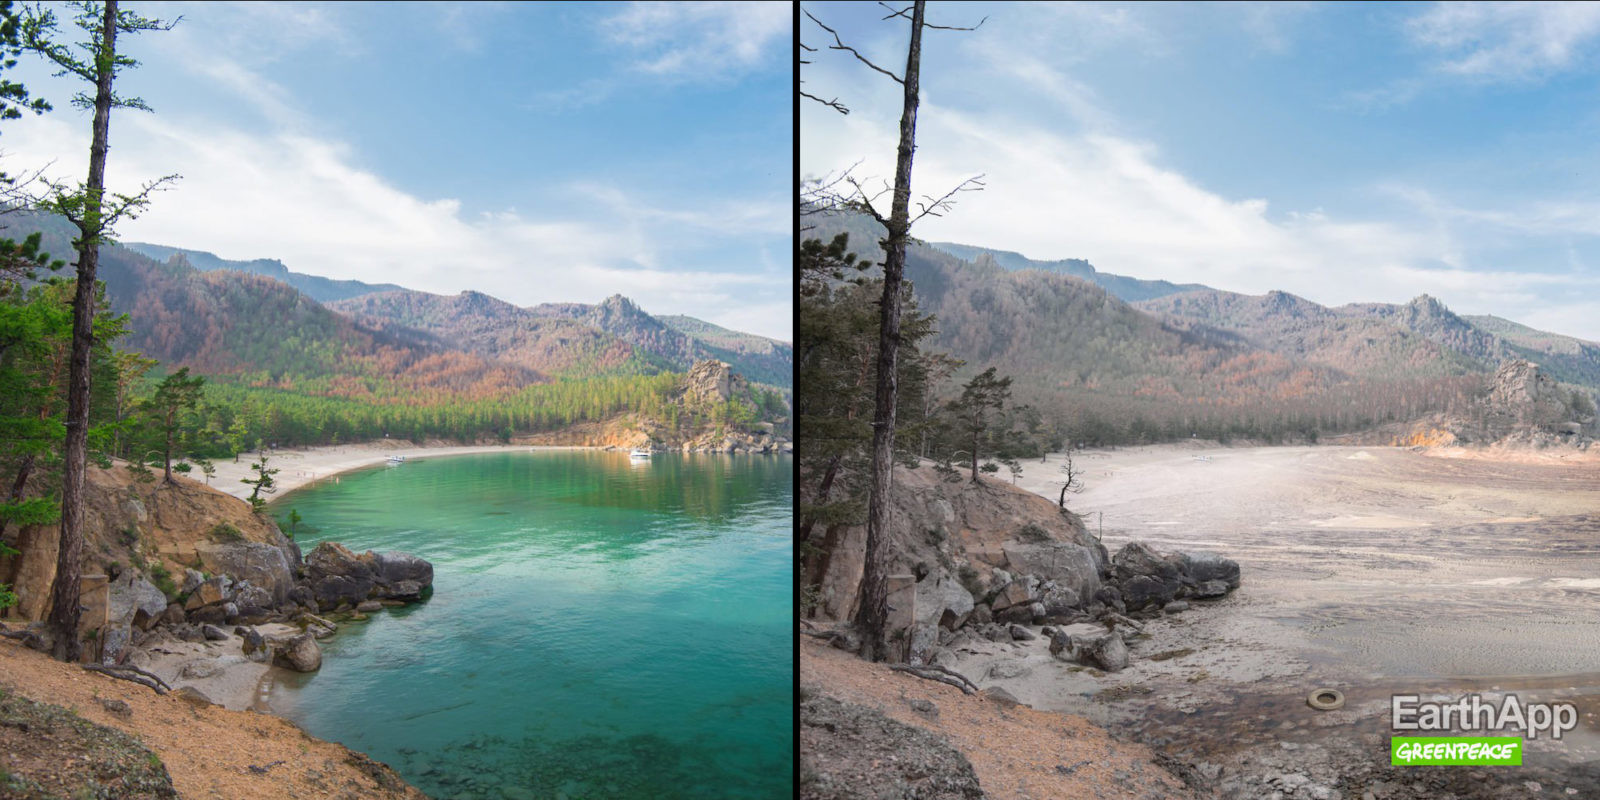 O lago Baikal, na Sibéria, ficaria muito quente e suas árvores totalmente secas.